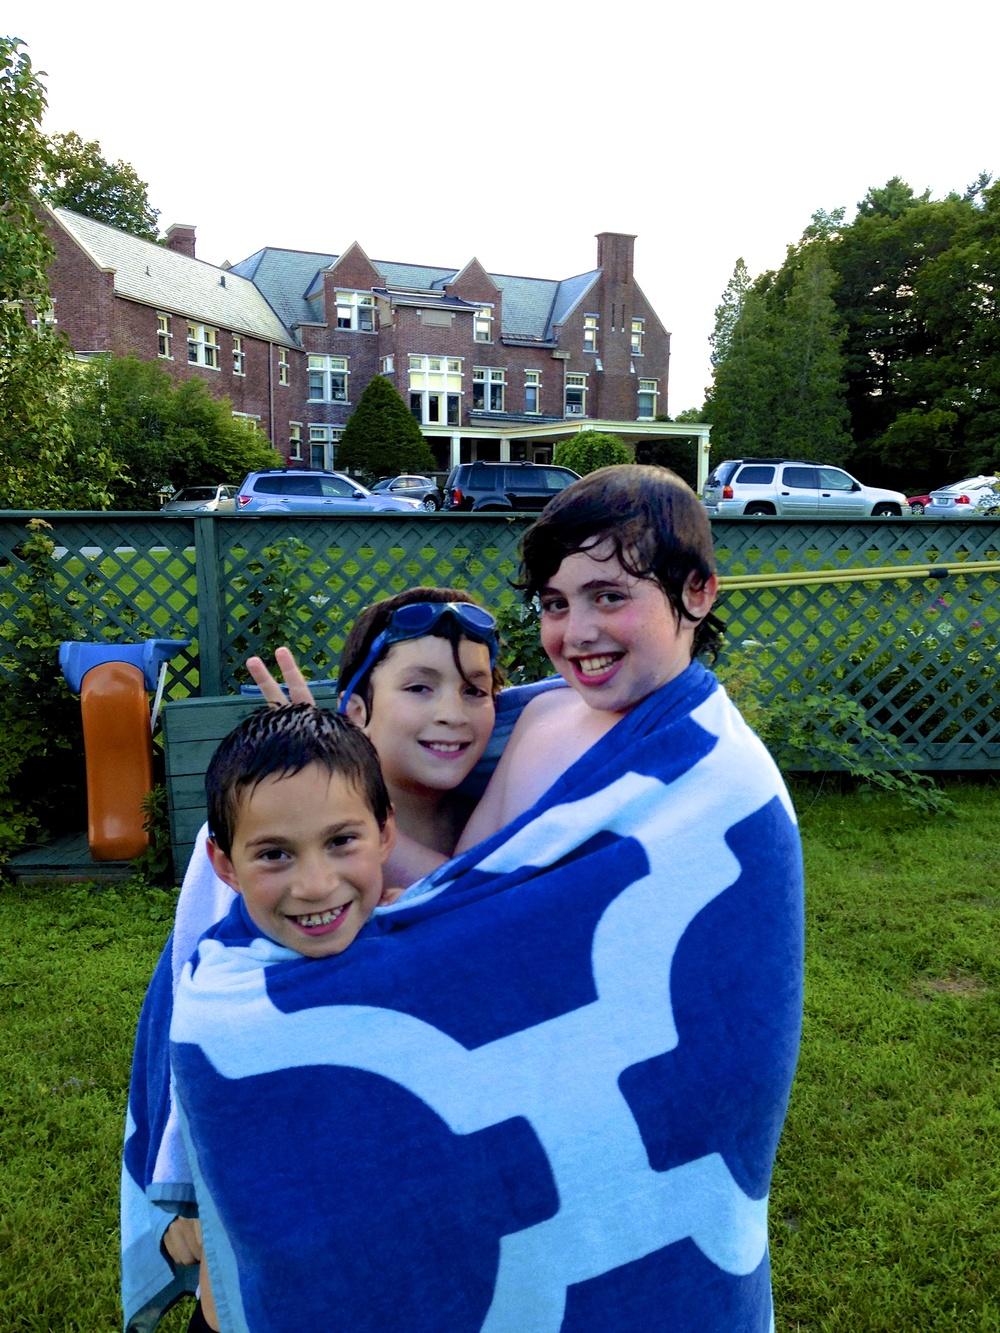 Family Fun in the Pool